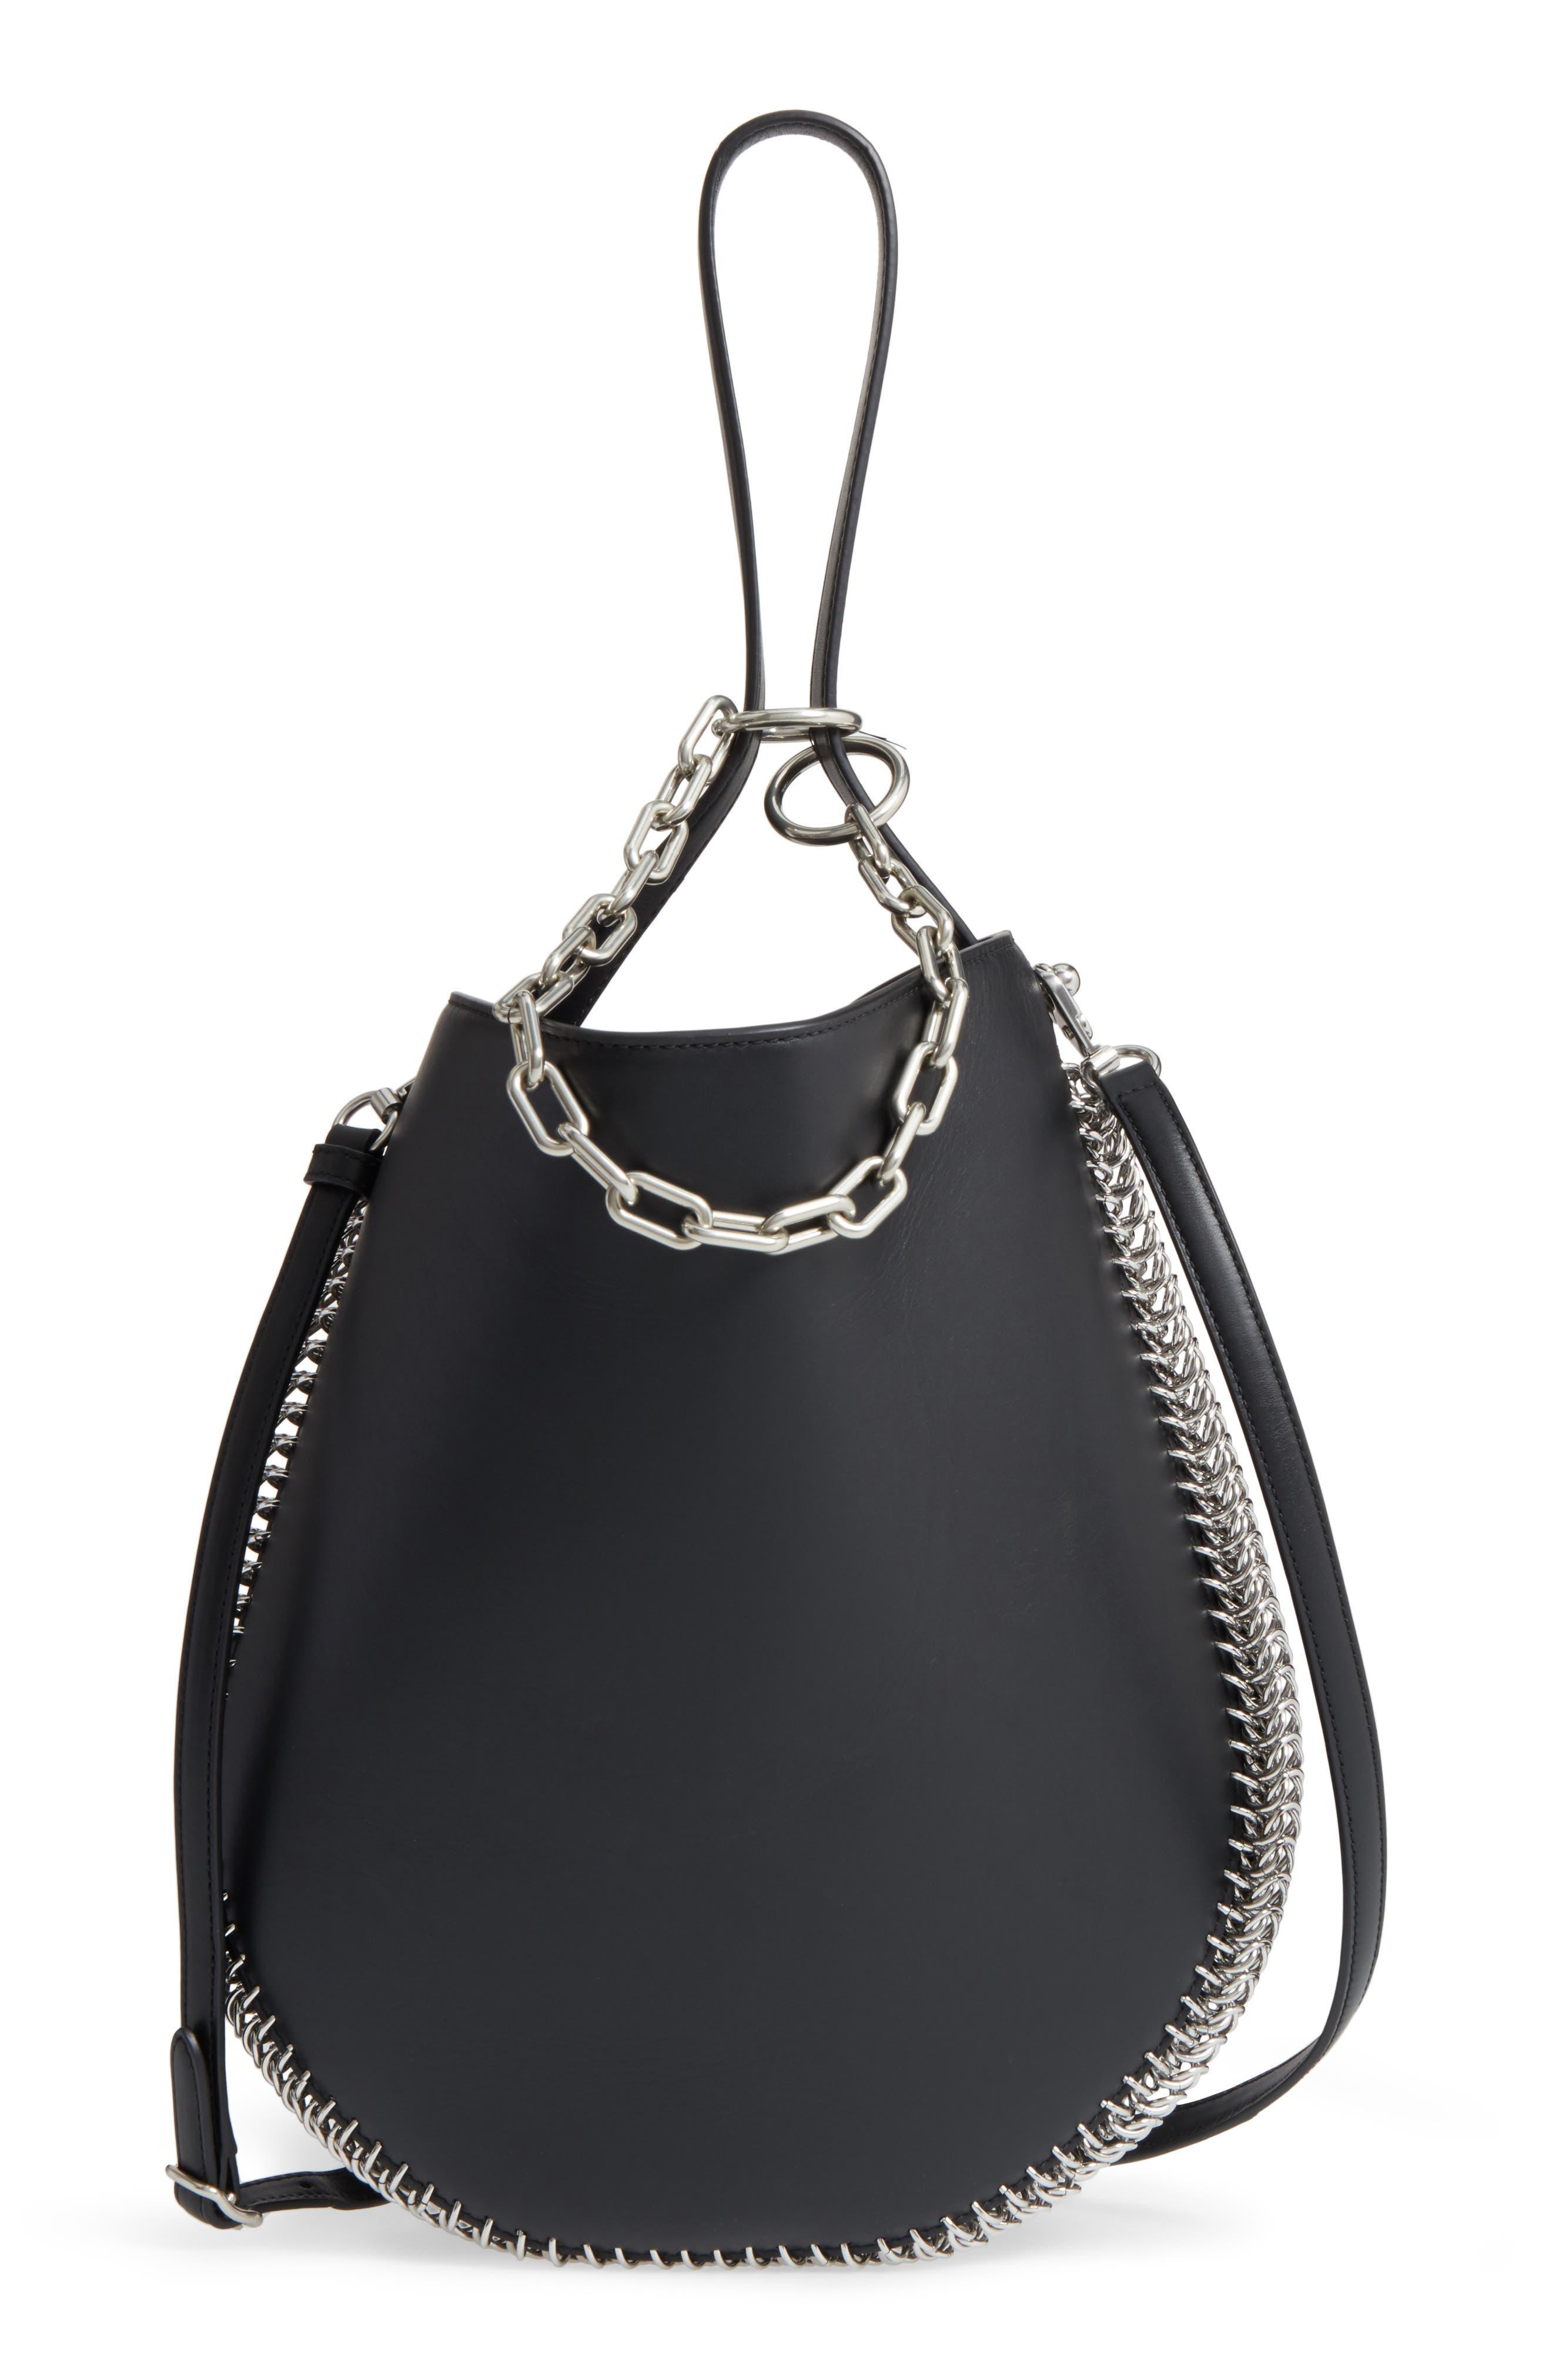 Roxy Studded Leather Hobo Bag,                             Main thumbnail 1, color,                             001